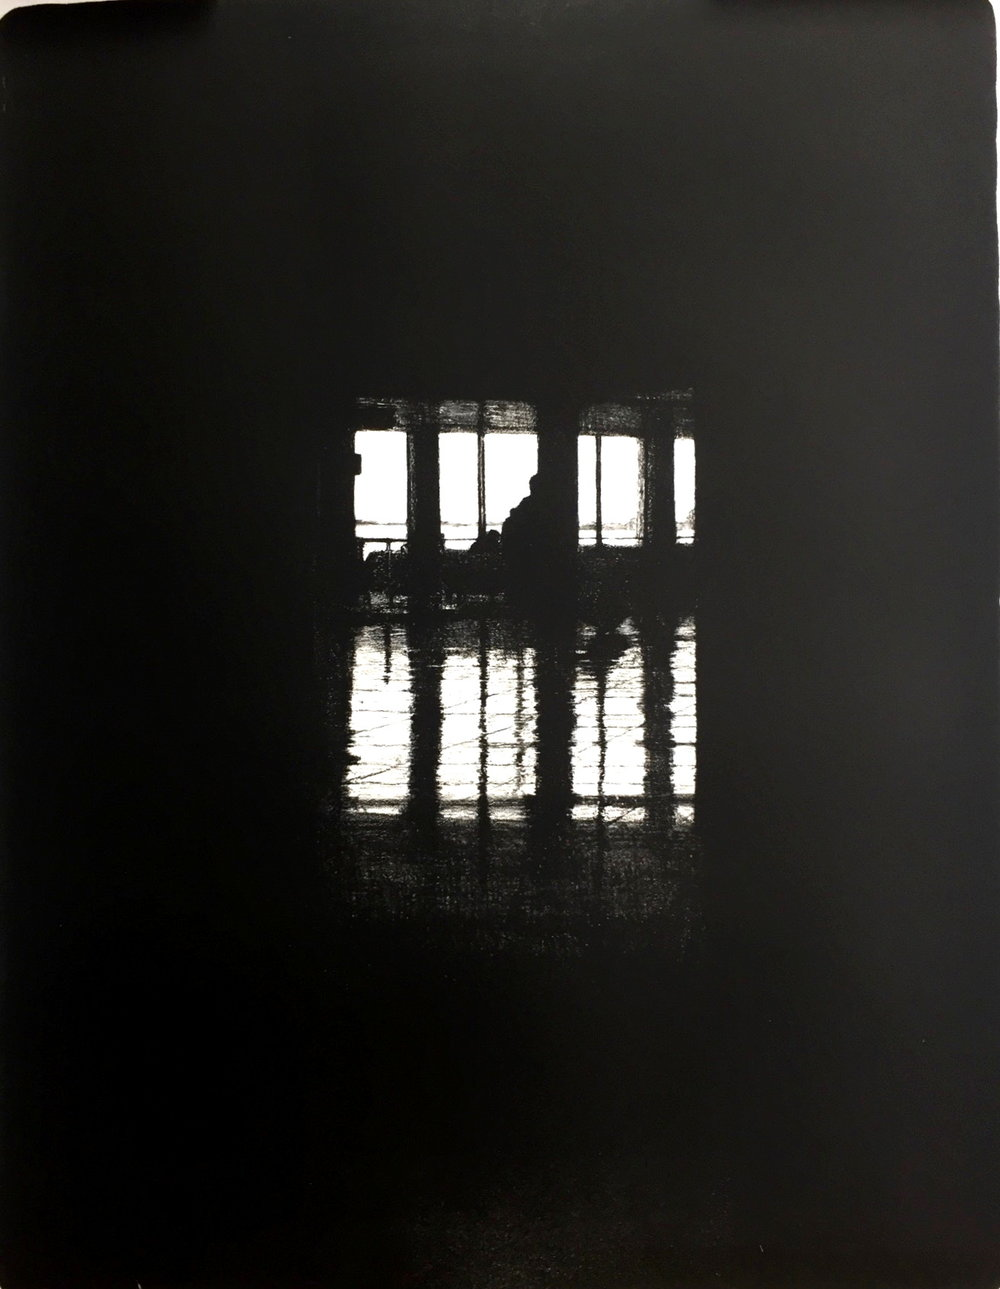 Departures I (JFK), 2016, lithograph, 55cm x 75cm